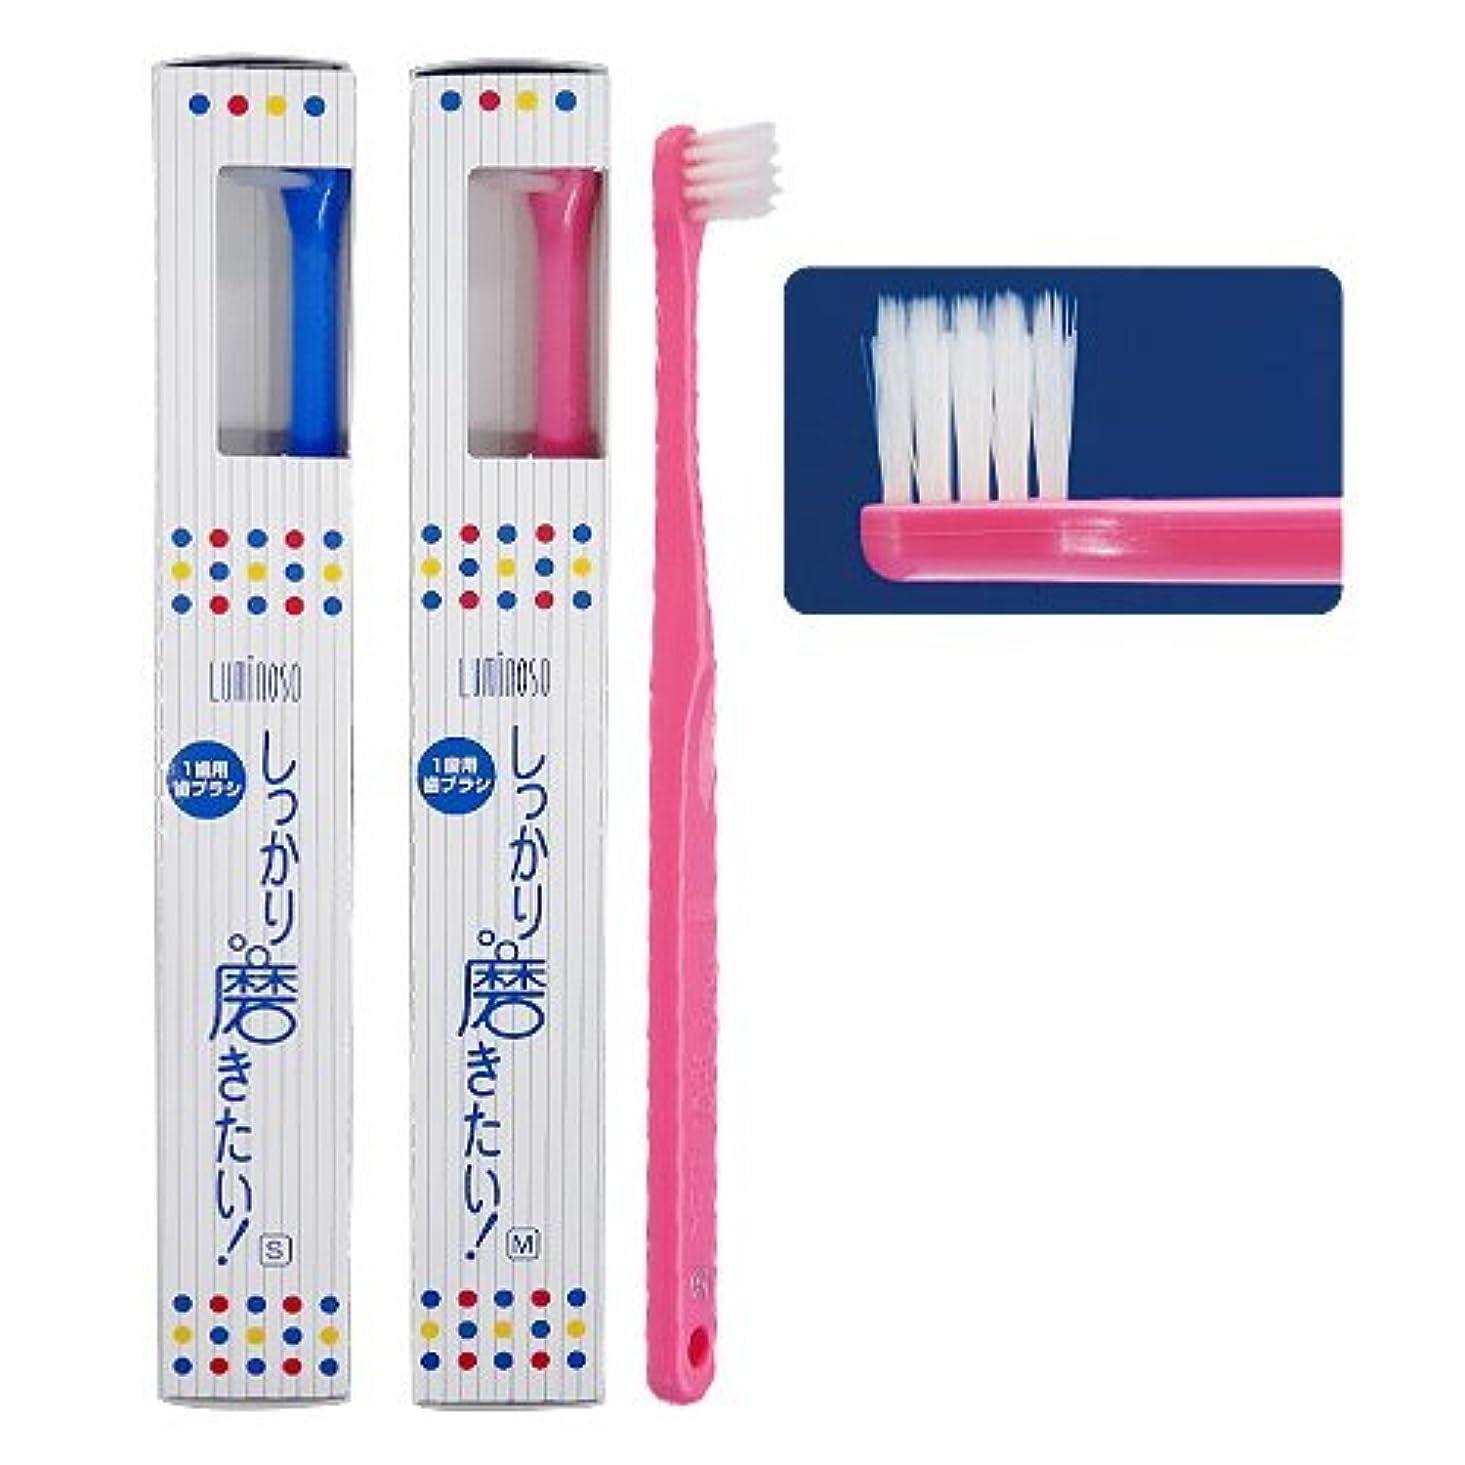 ハンマースケルトン抜け目がないルミノソ 1歯用歯ブラシ「しっかり磨きたい!」スタンダード ミディアム (カラー指定不可) 10本